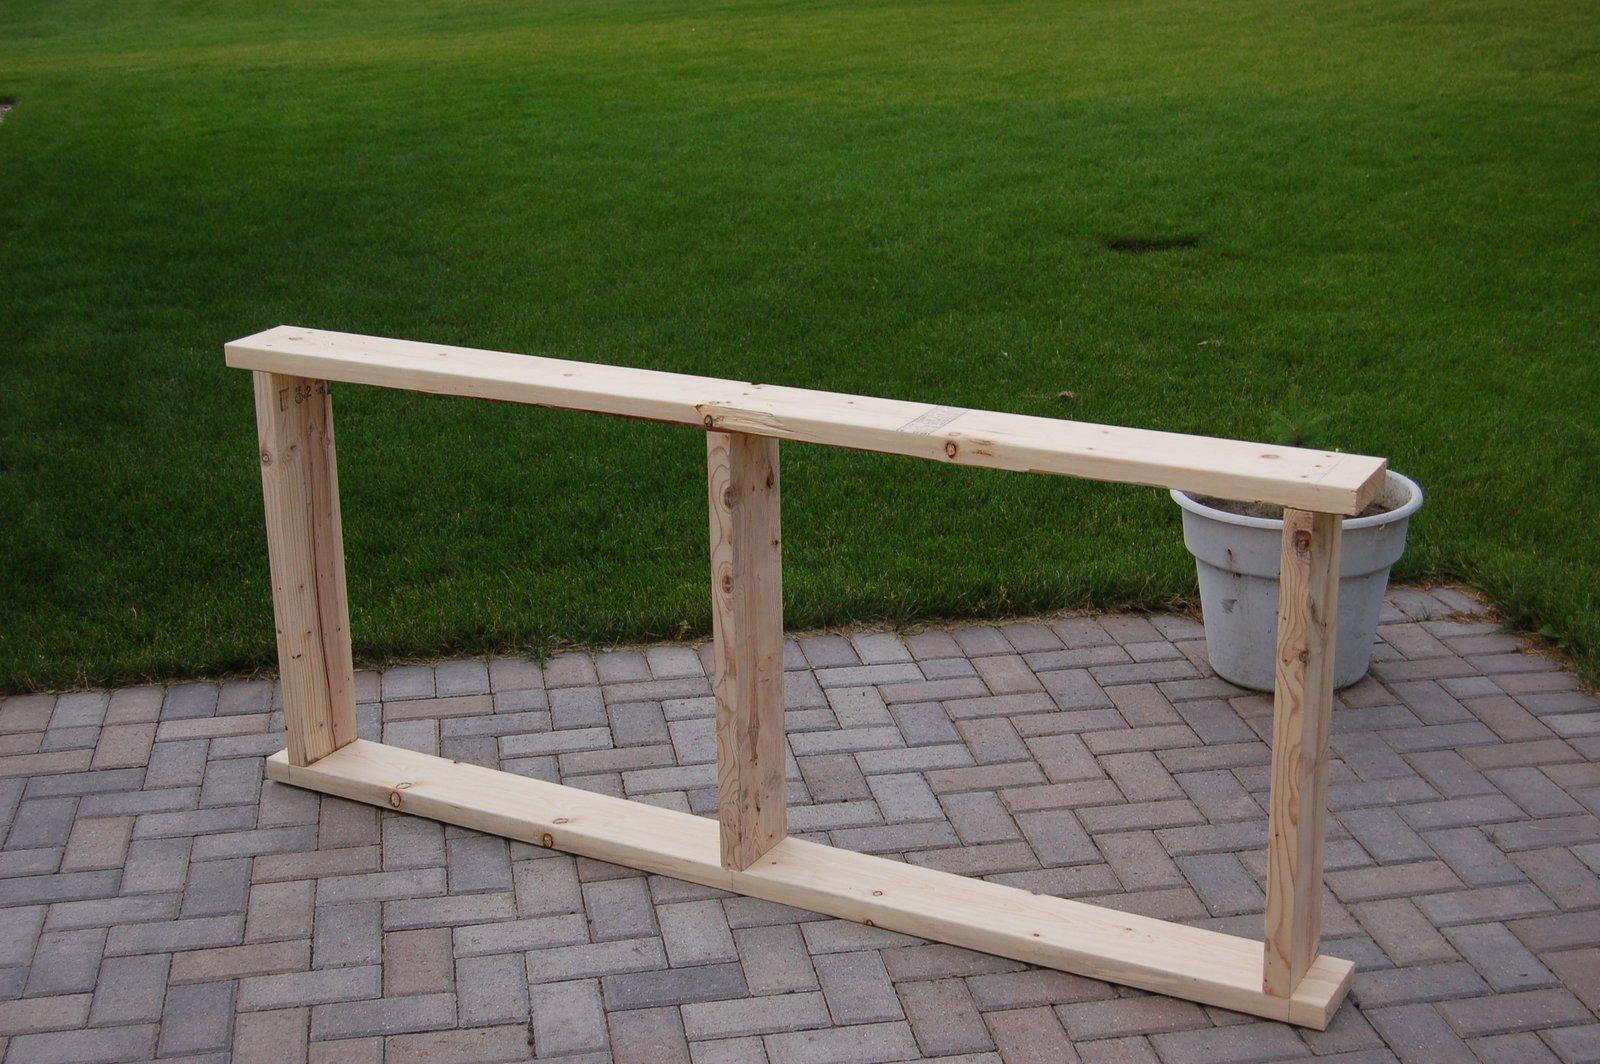 Rail frame